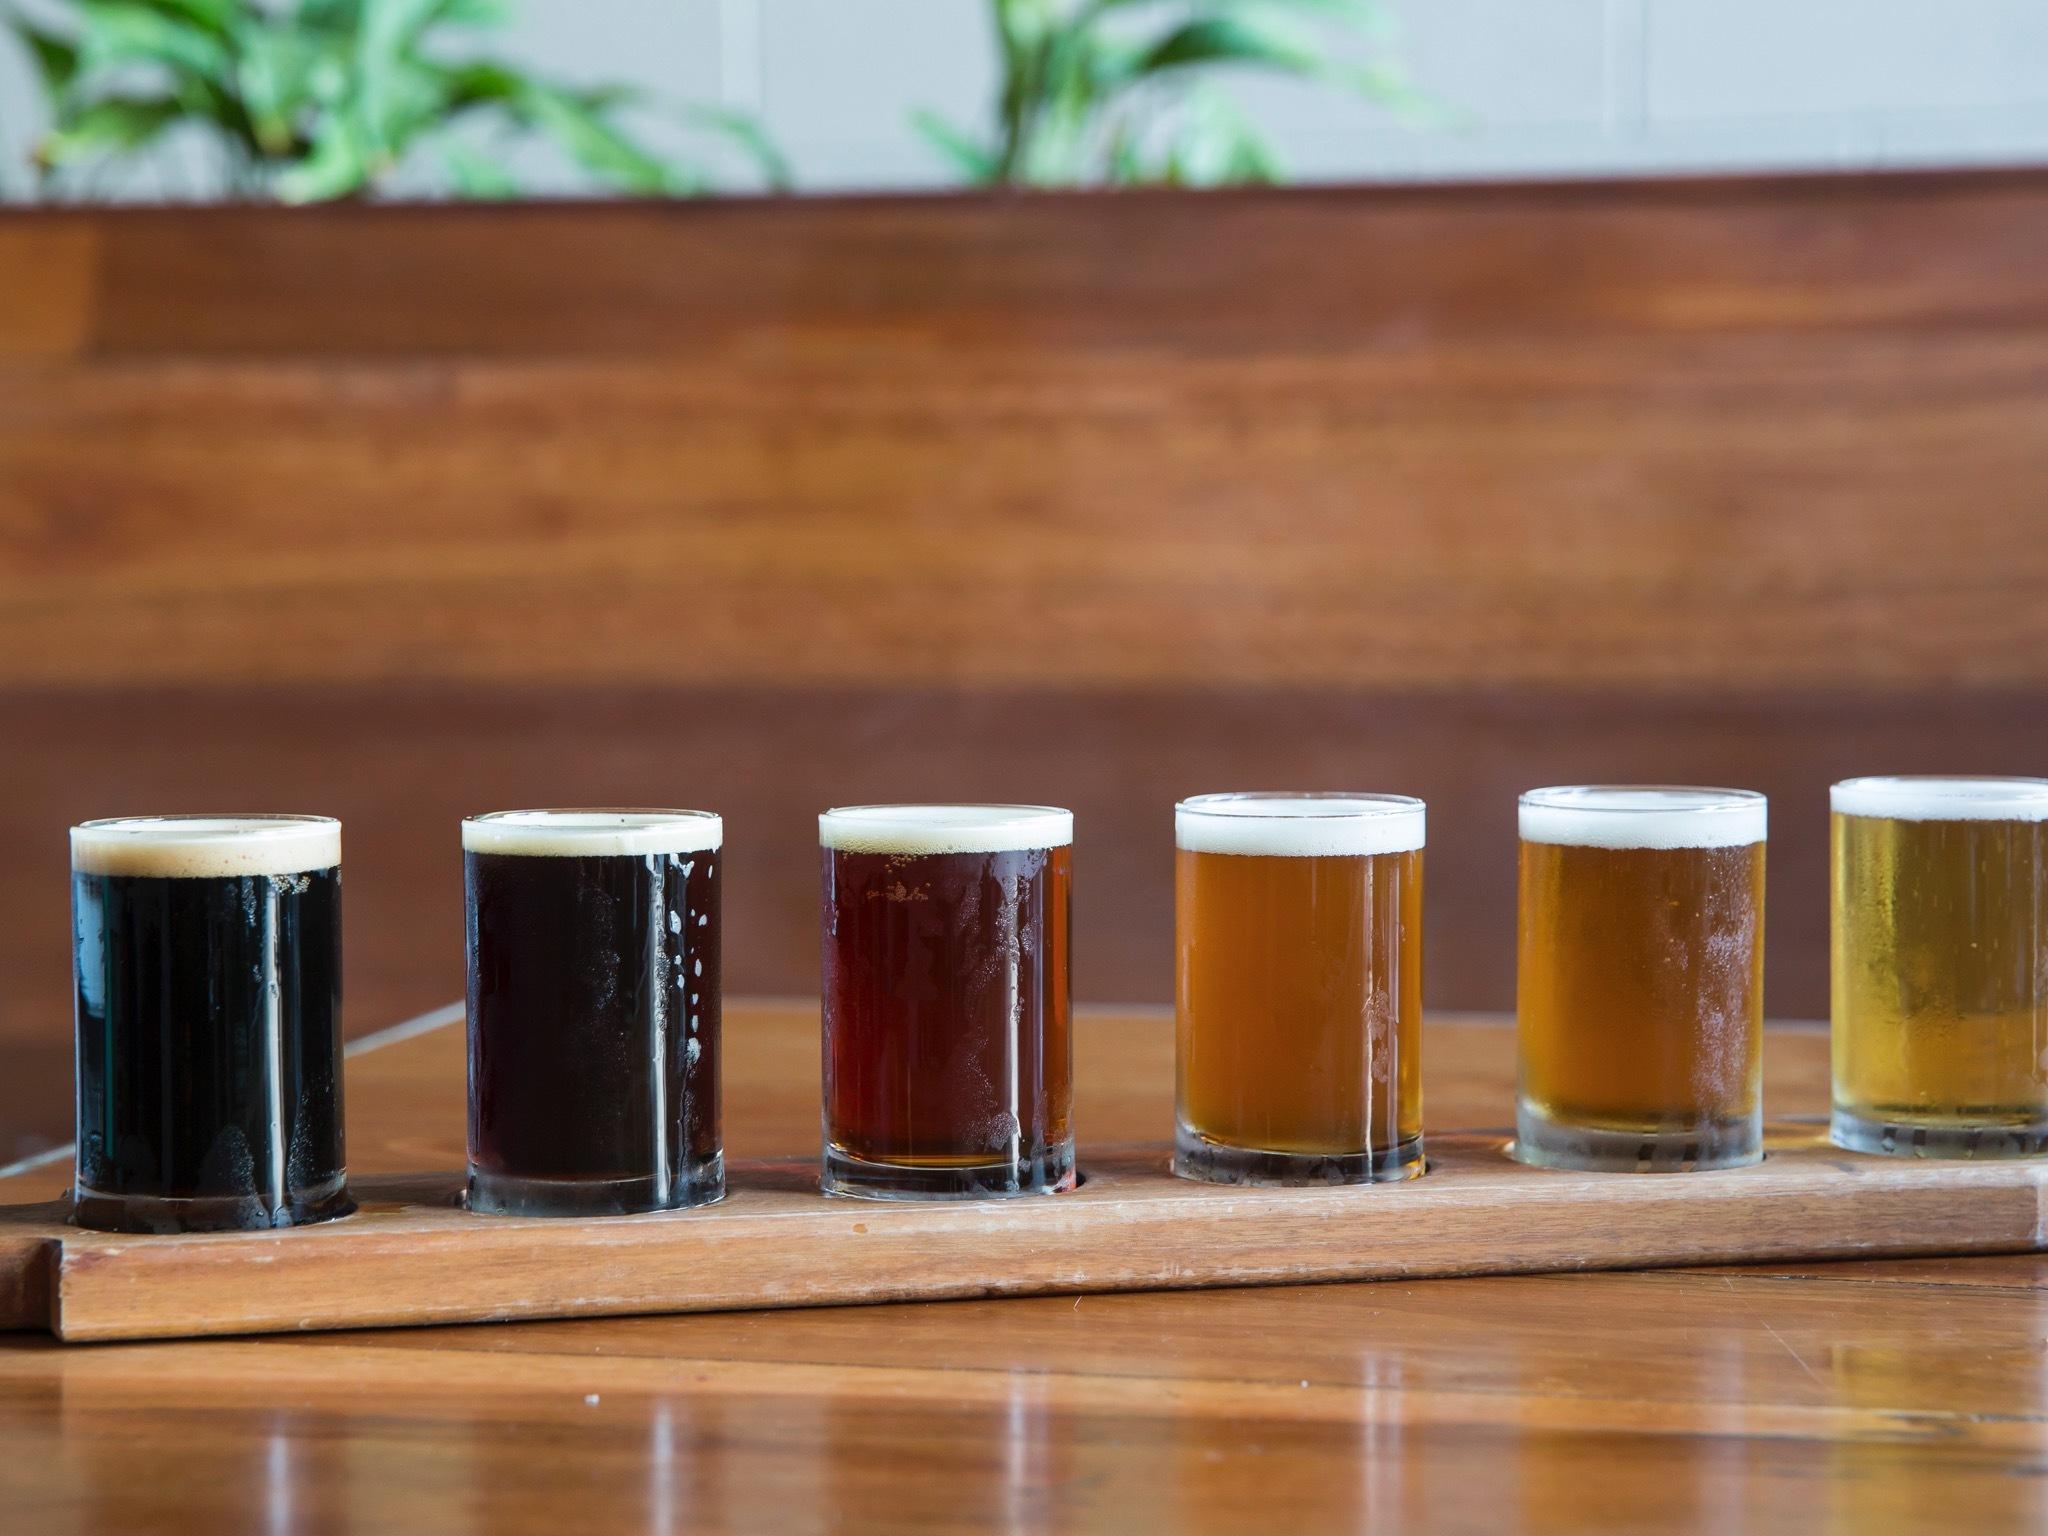 Craft beer varieties